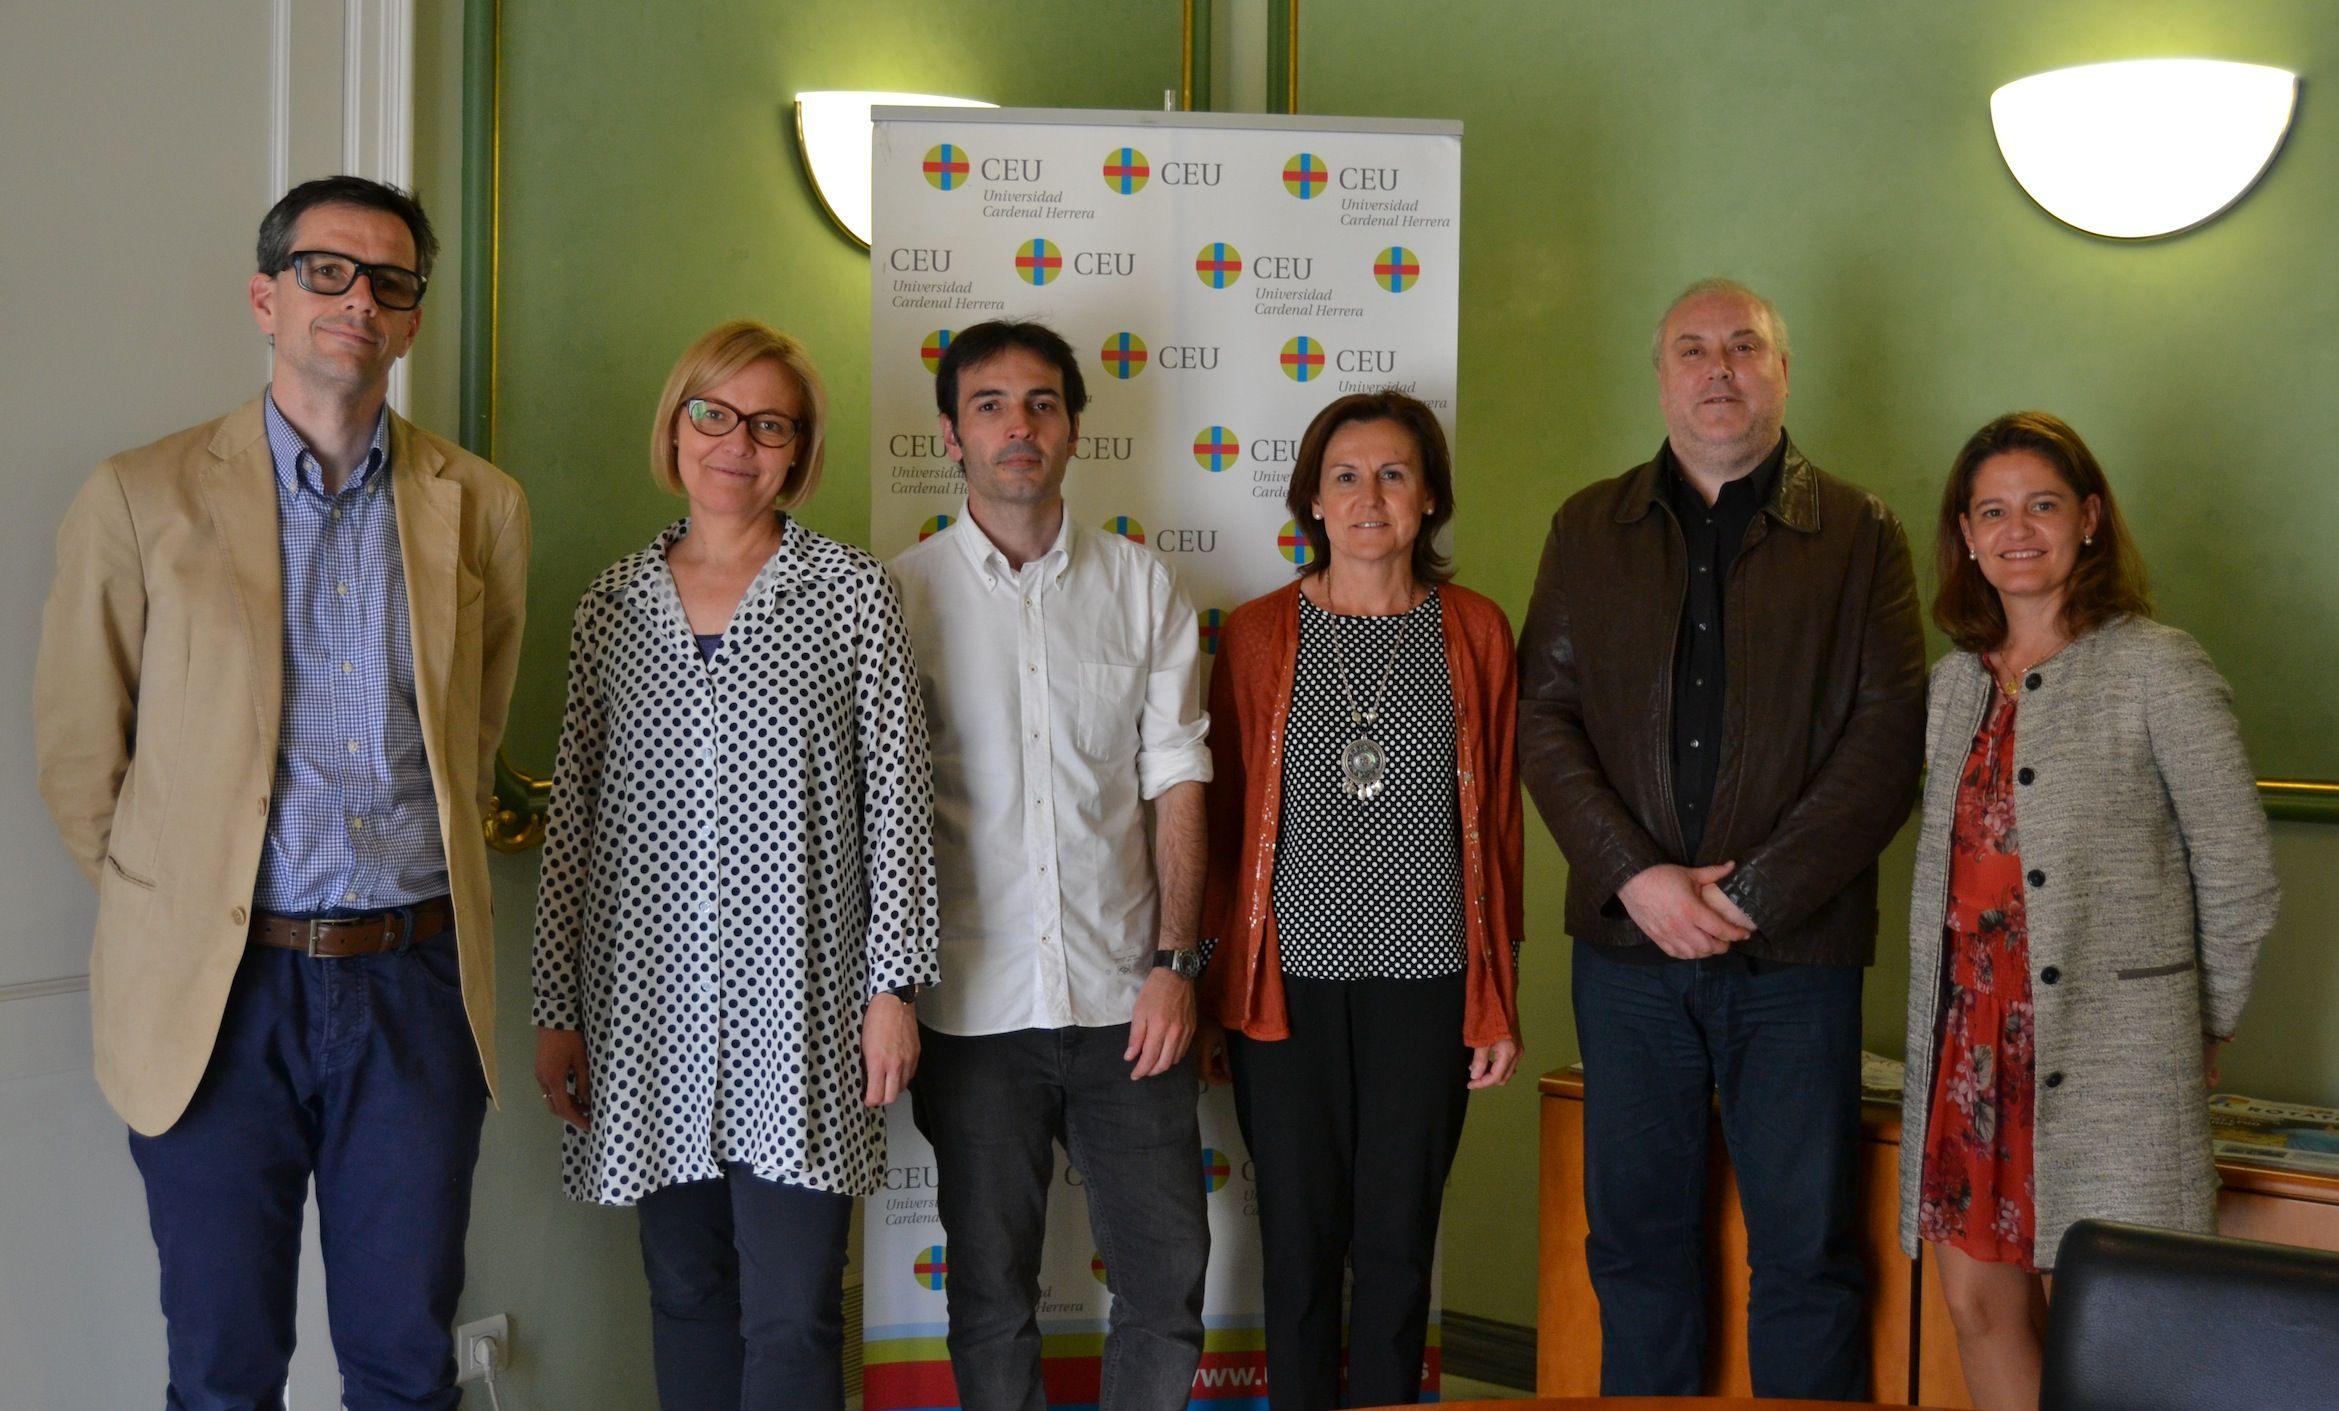 En el centro, Ana Azurmendi, junto a Juan José Bas y parte de los investigadores del Grupo, en las Jornadas sobre el Futuro del Audiovisual Valenciano, celebradas en el CEU.